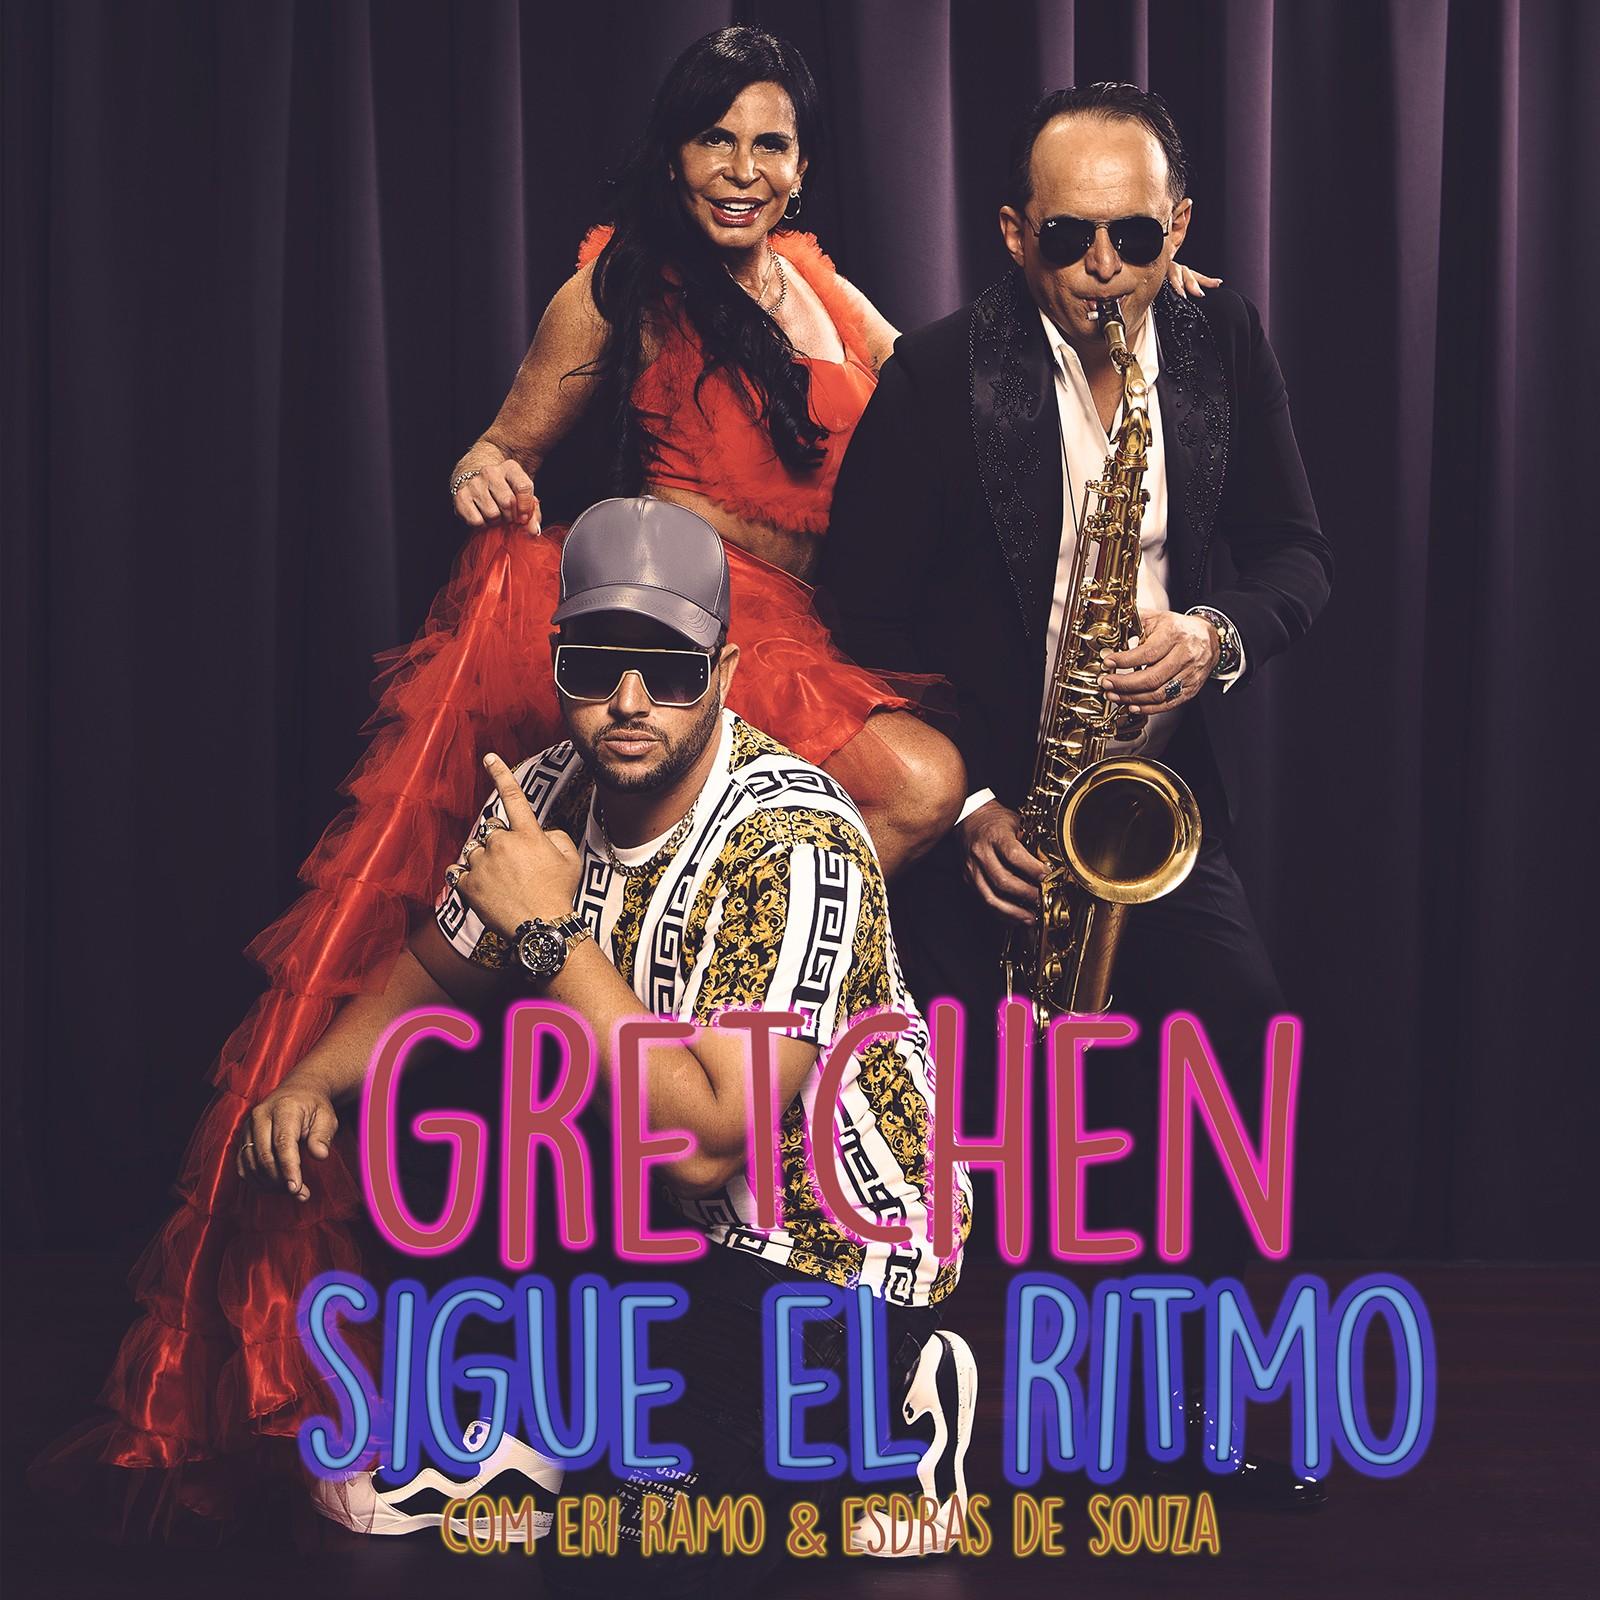 Gretchen aproveita onda de latinidade em single gravado com cantor cubano